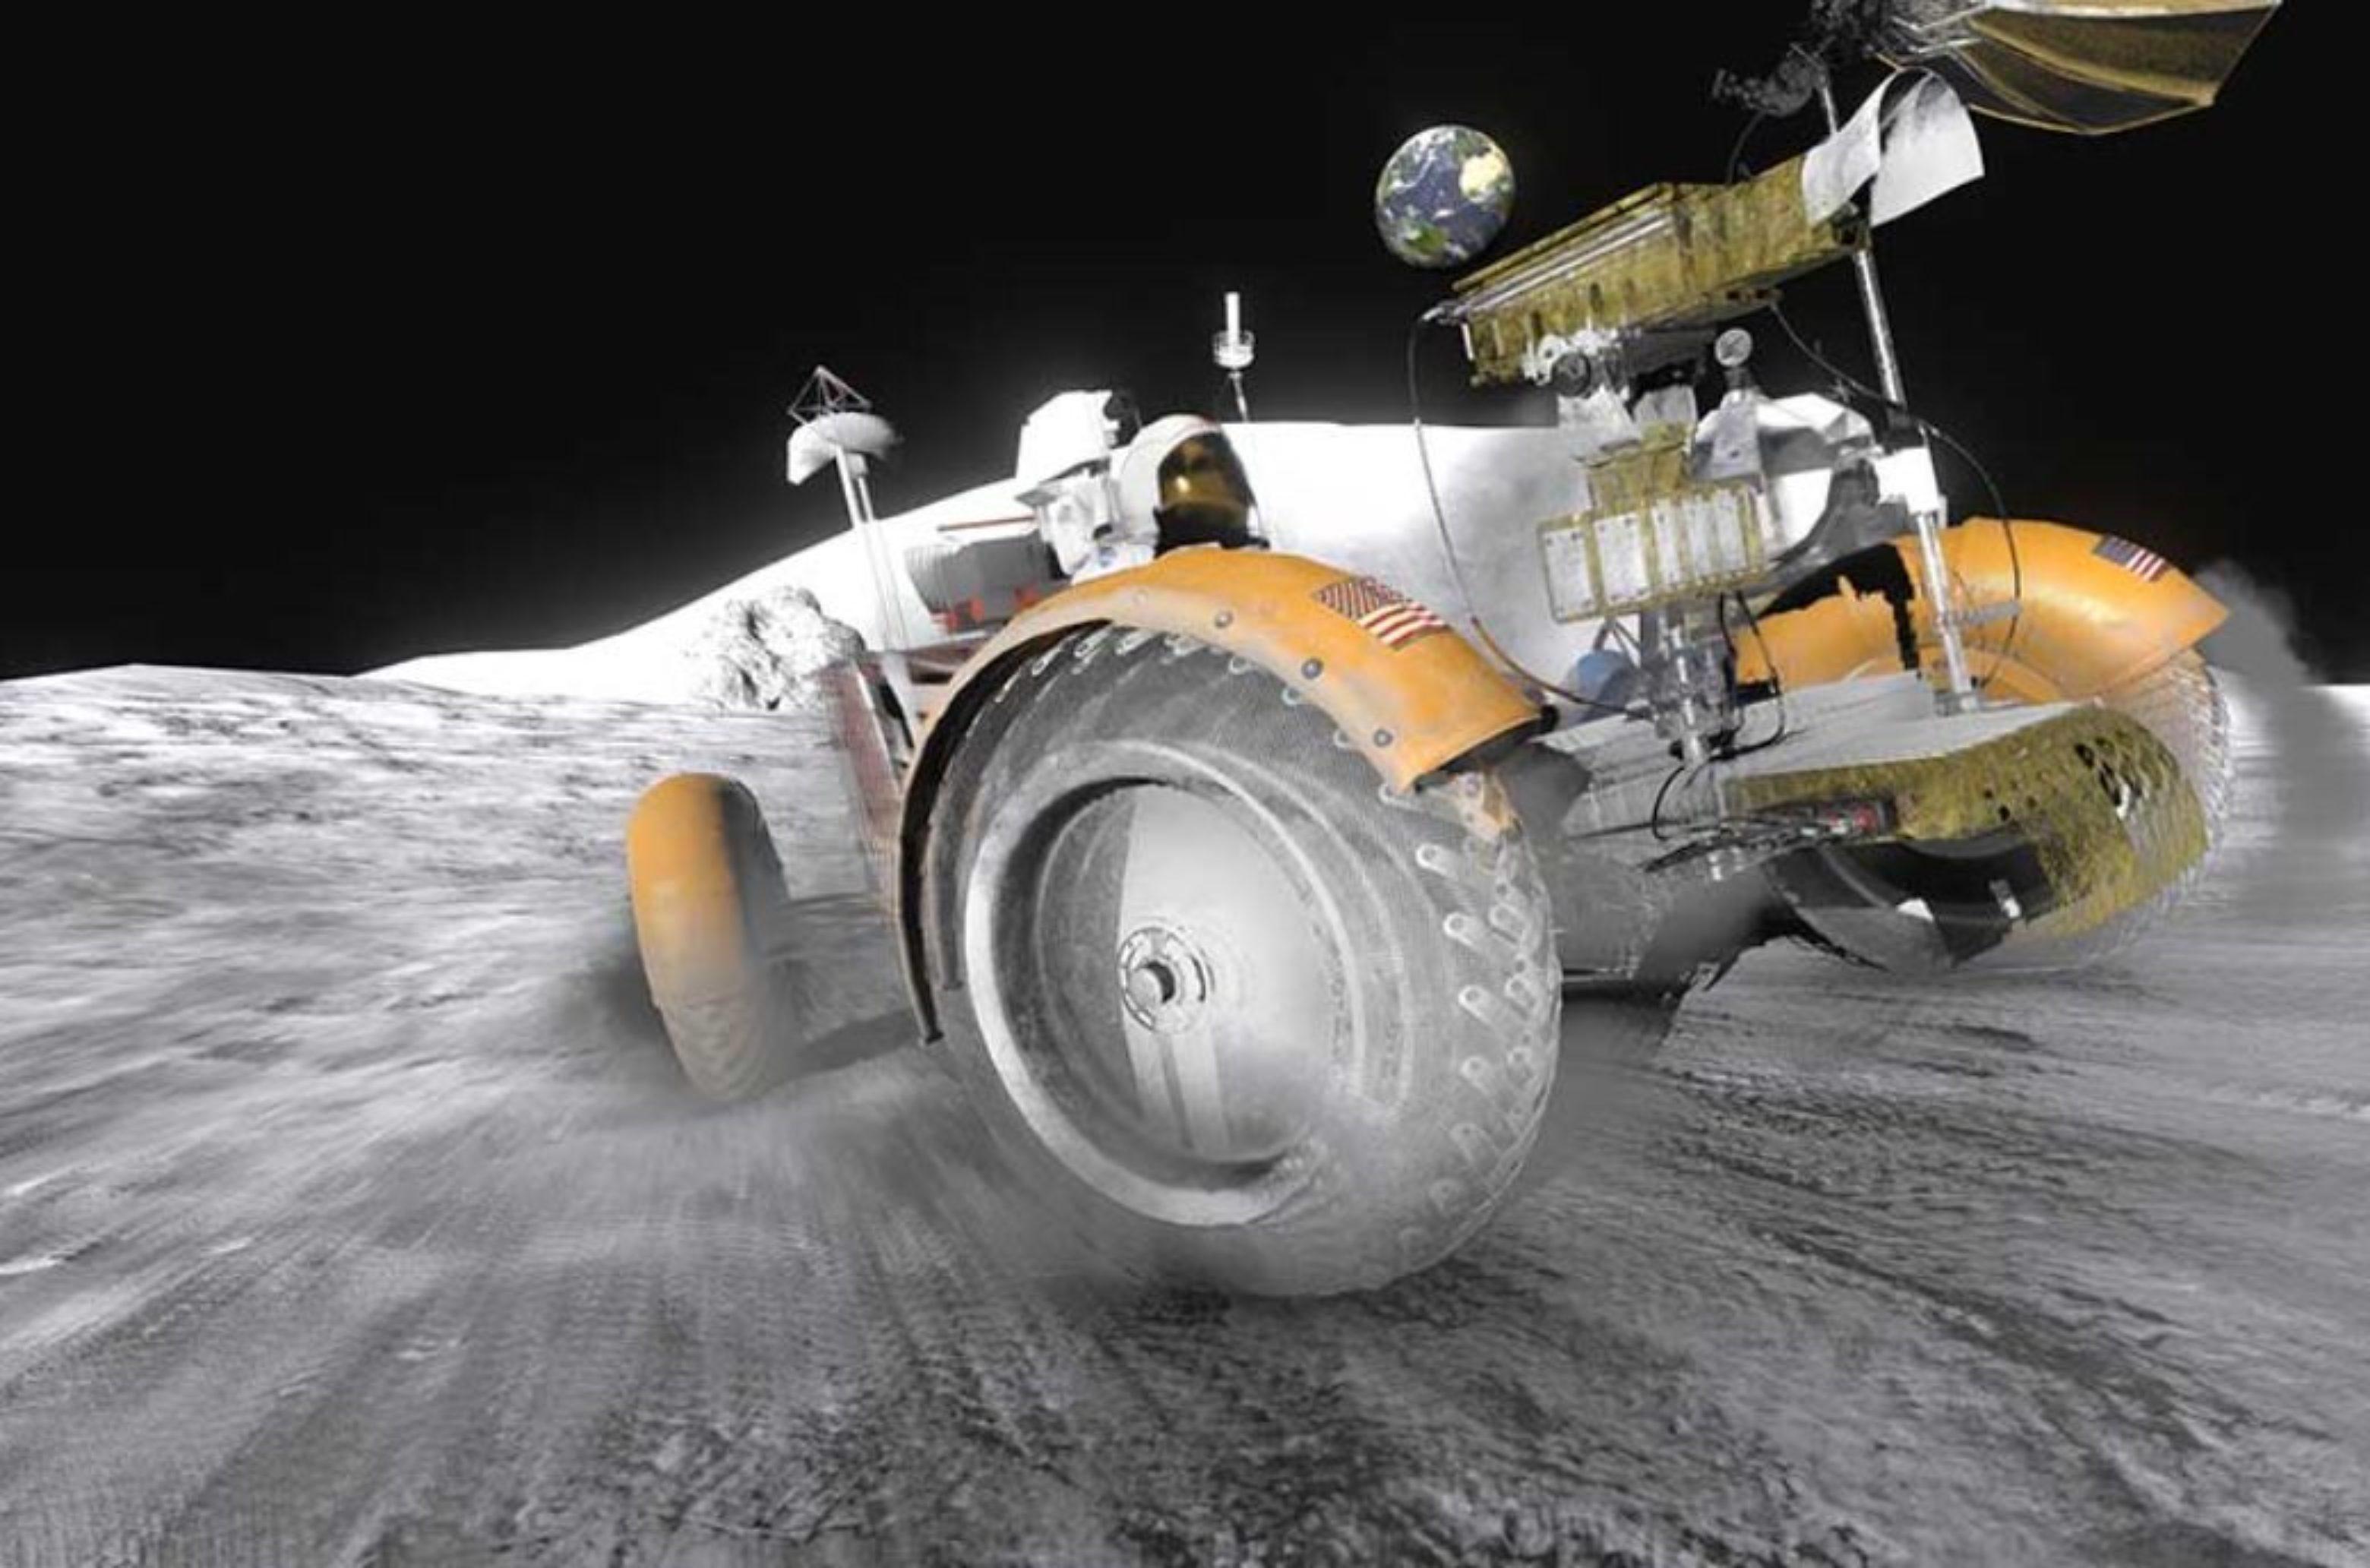 Aus einem Projekt des Deutschen Museums: 3D-digitalisiertes Mondauto, das BesucherInnen über eine virtuelle Mondoberfläche steuern können © Deutsches Museum / Time in the Box GmbH